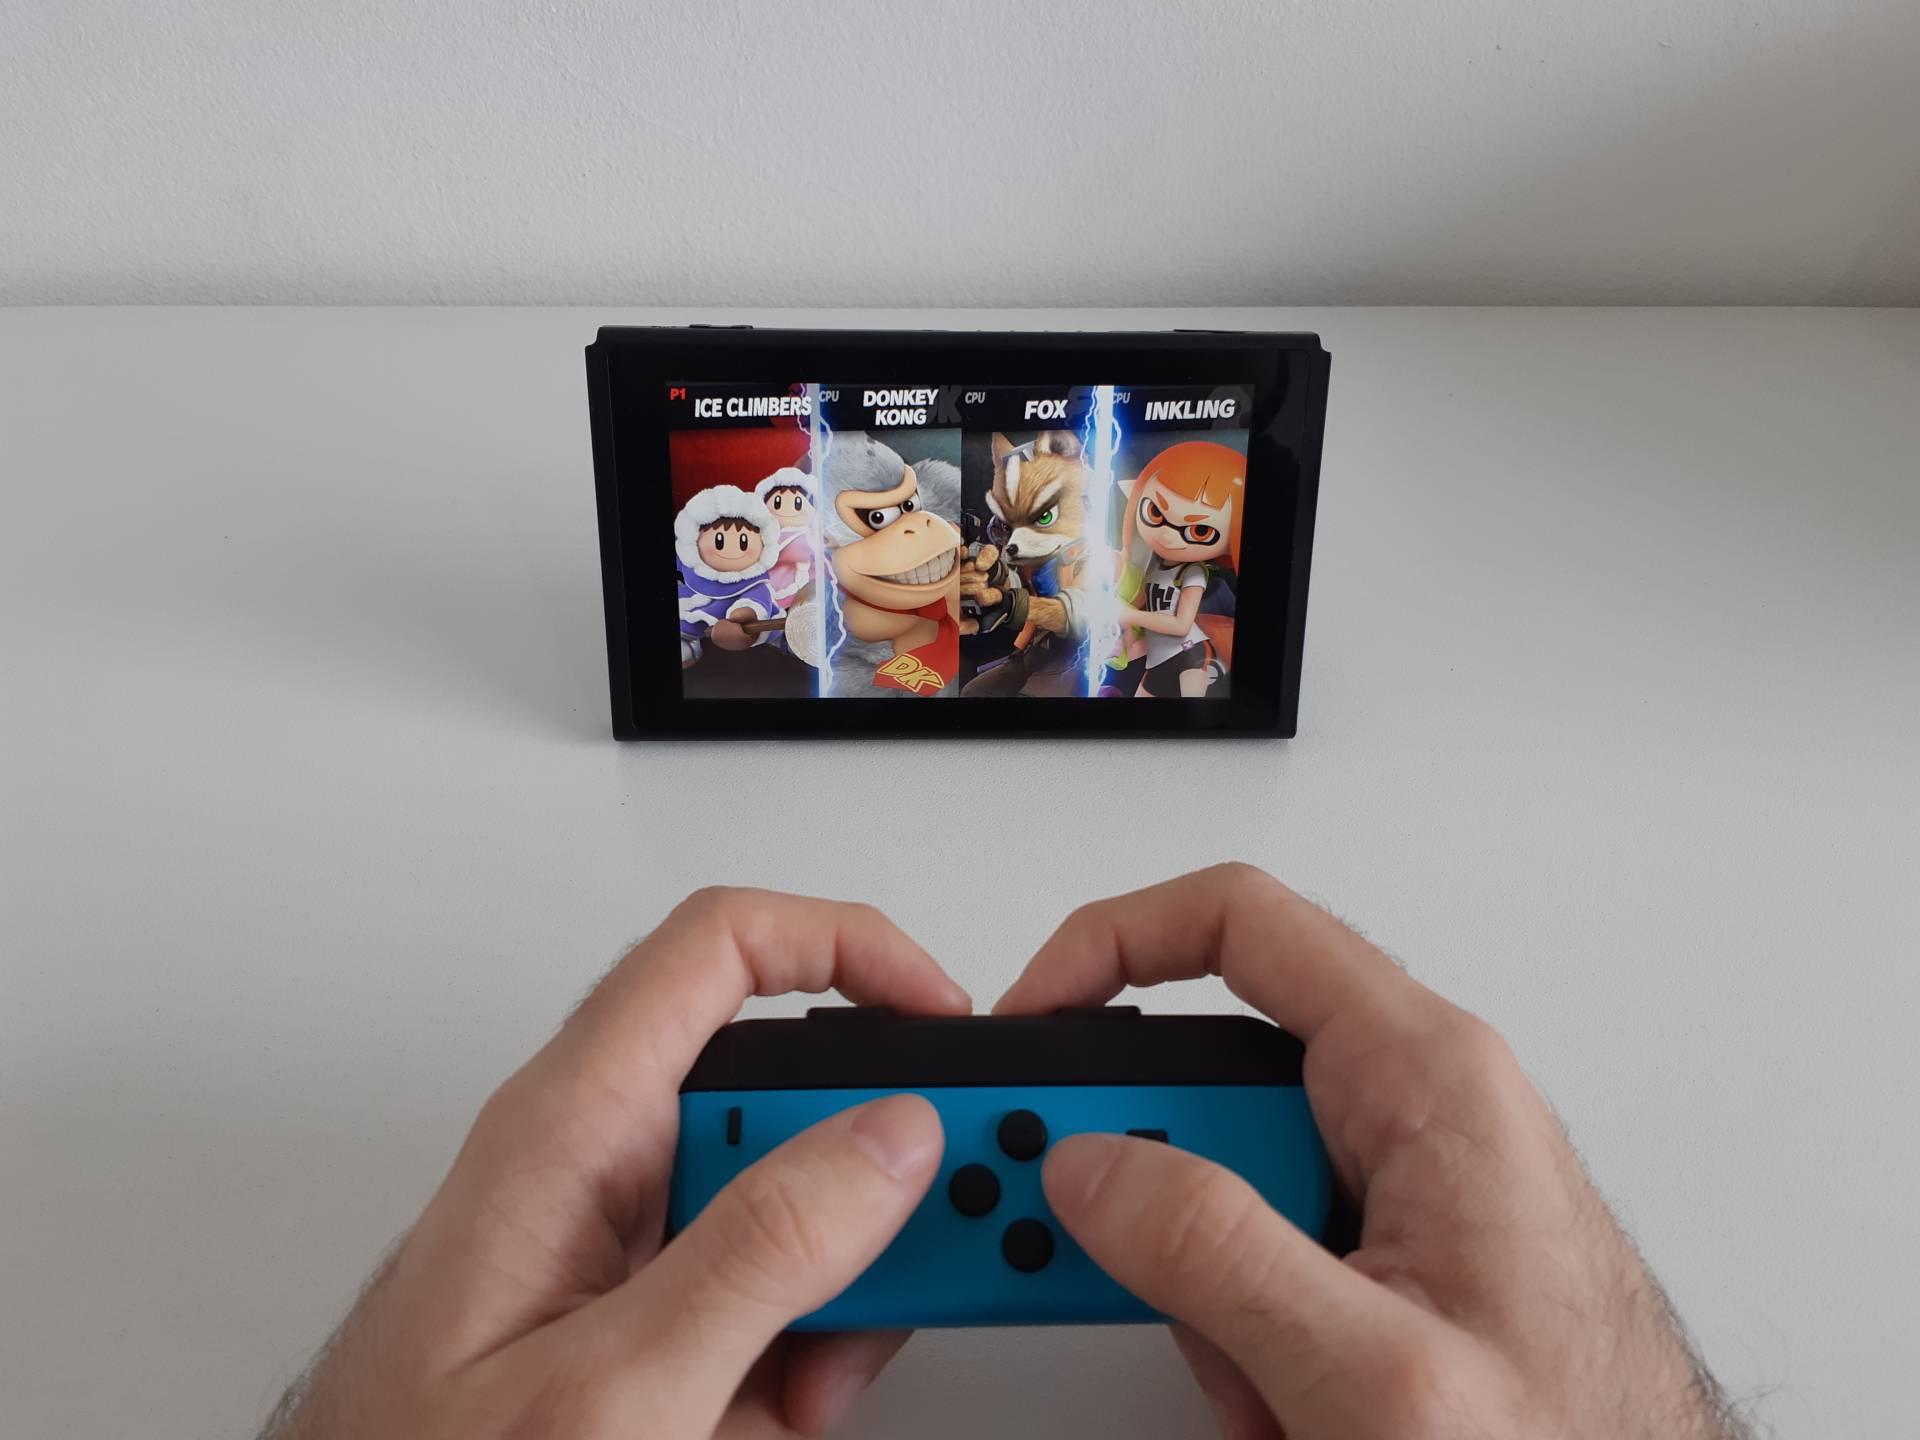 Você também pode dividir o Joy-Con e jogar o Switch no modo tablet para dois